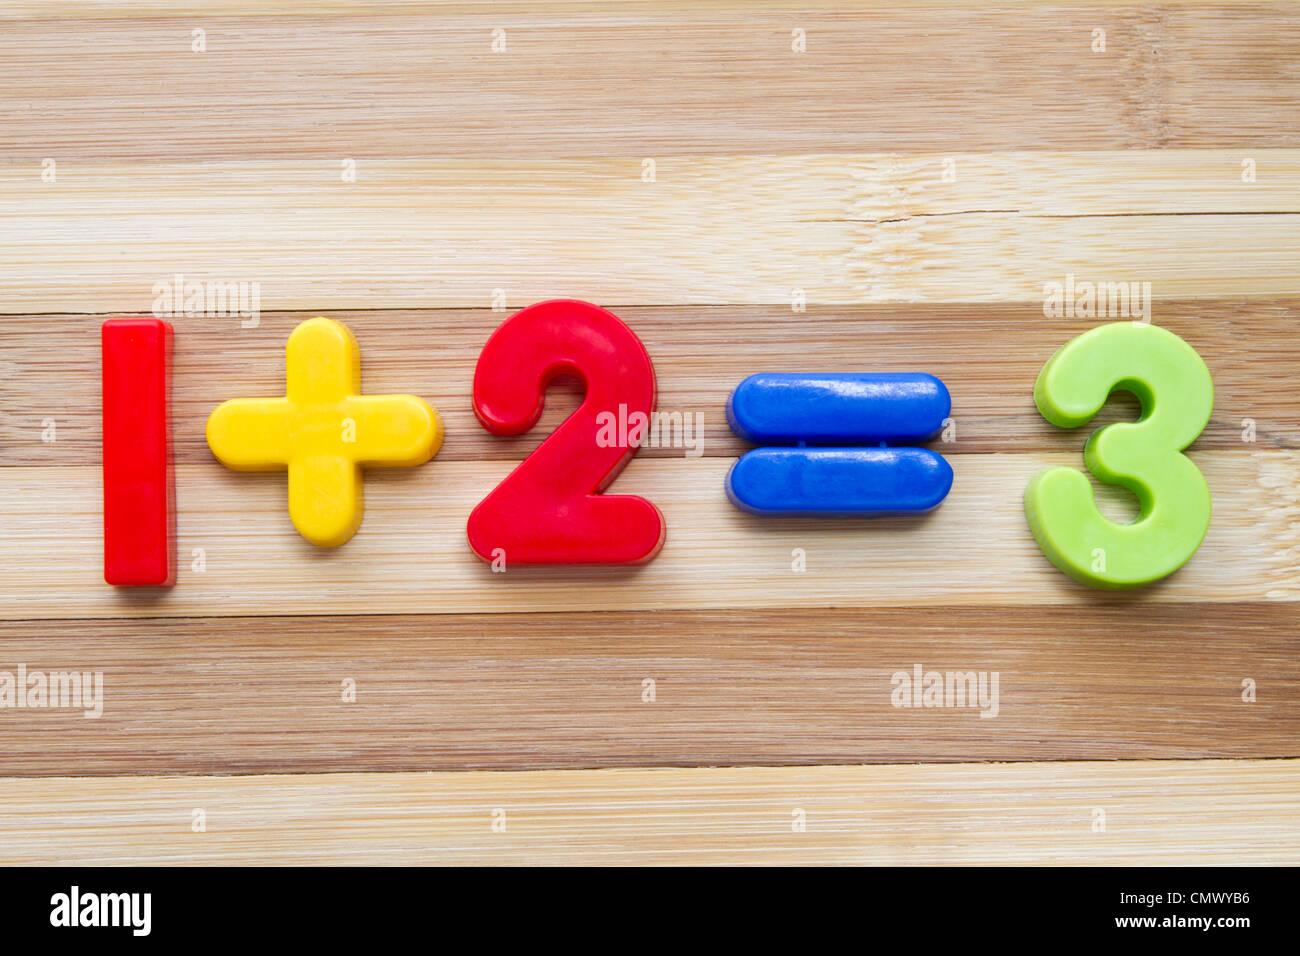 Mathe-Beispiel mit Zahlen Magneten auf Holz Hintergrund Stockbild